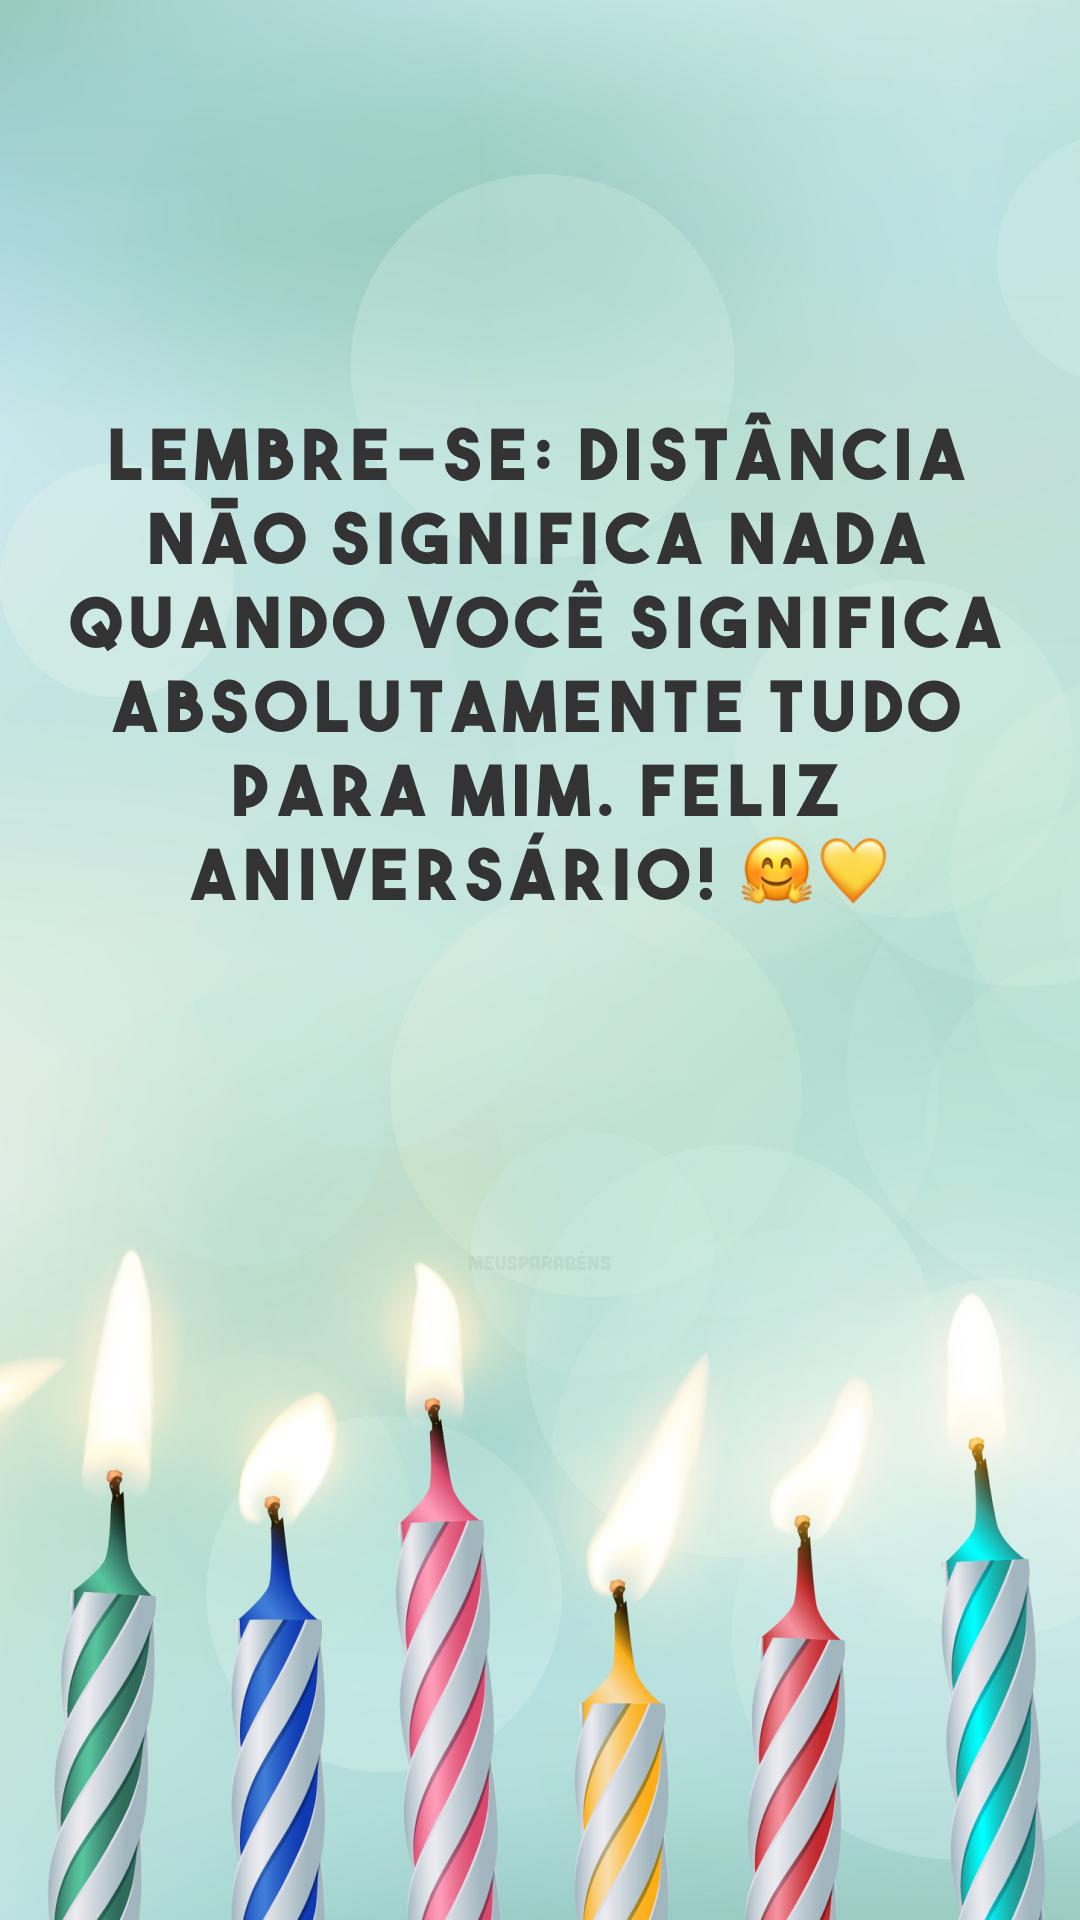 Lembre-se: distância não significa nada quando você significa absolutamente tudo para mim. Feliz aniversário! 🤗💛